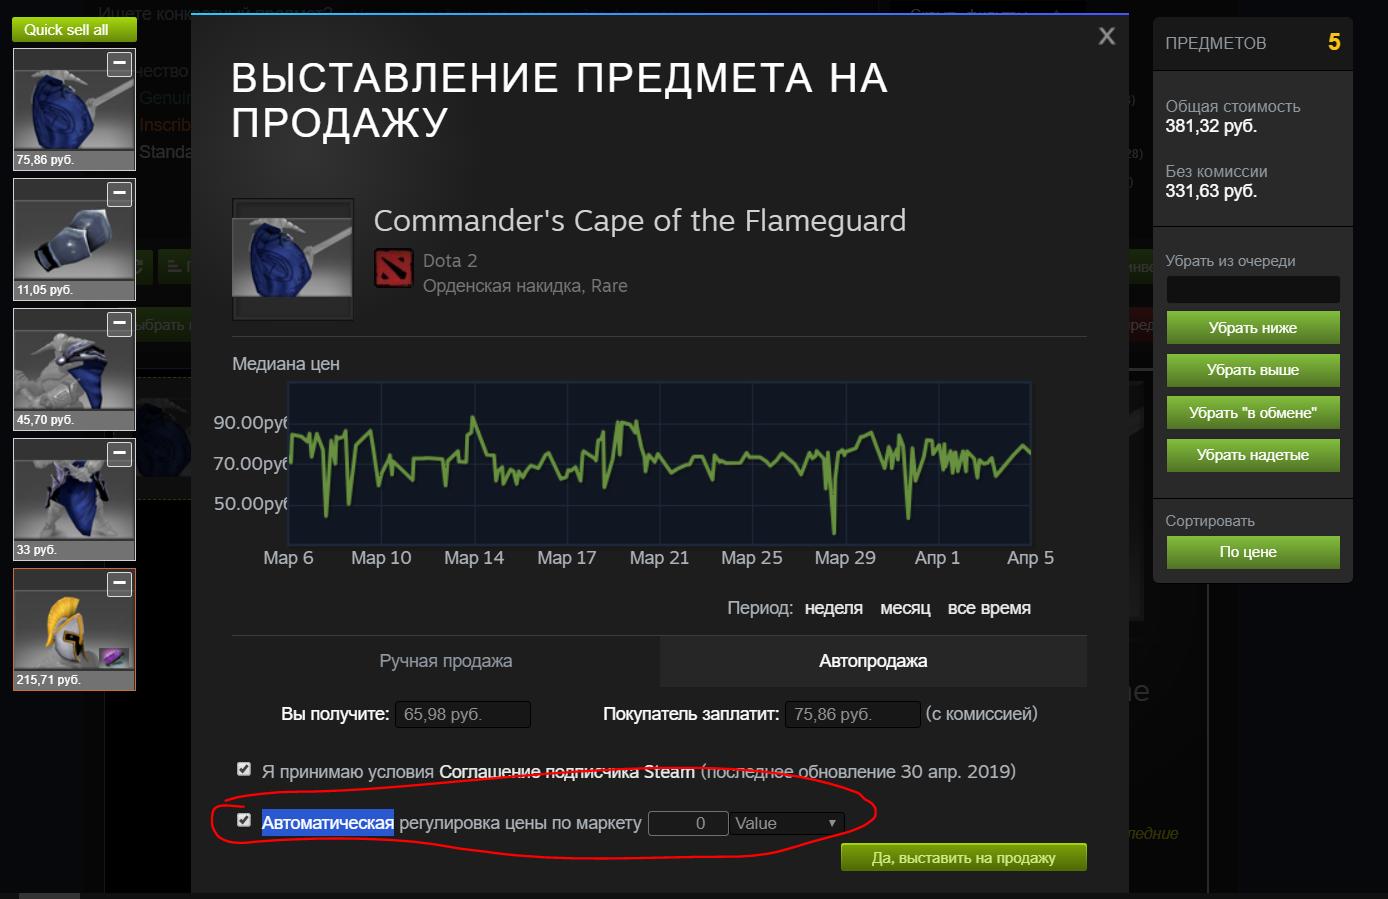 Как заработать в стиме 706 рублей за три дня ценой всего. - Изображение 4